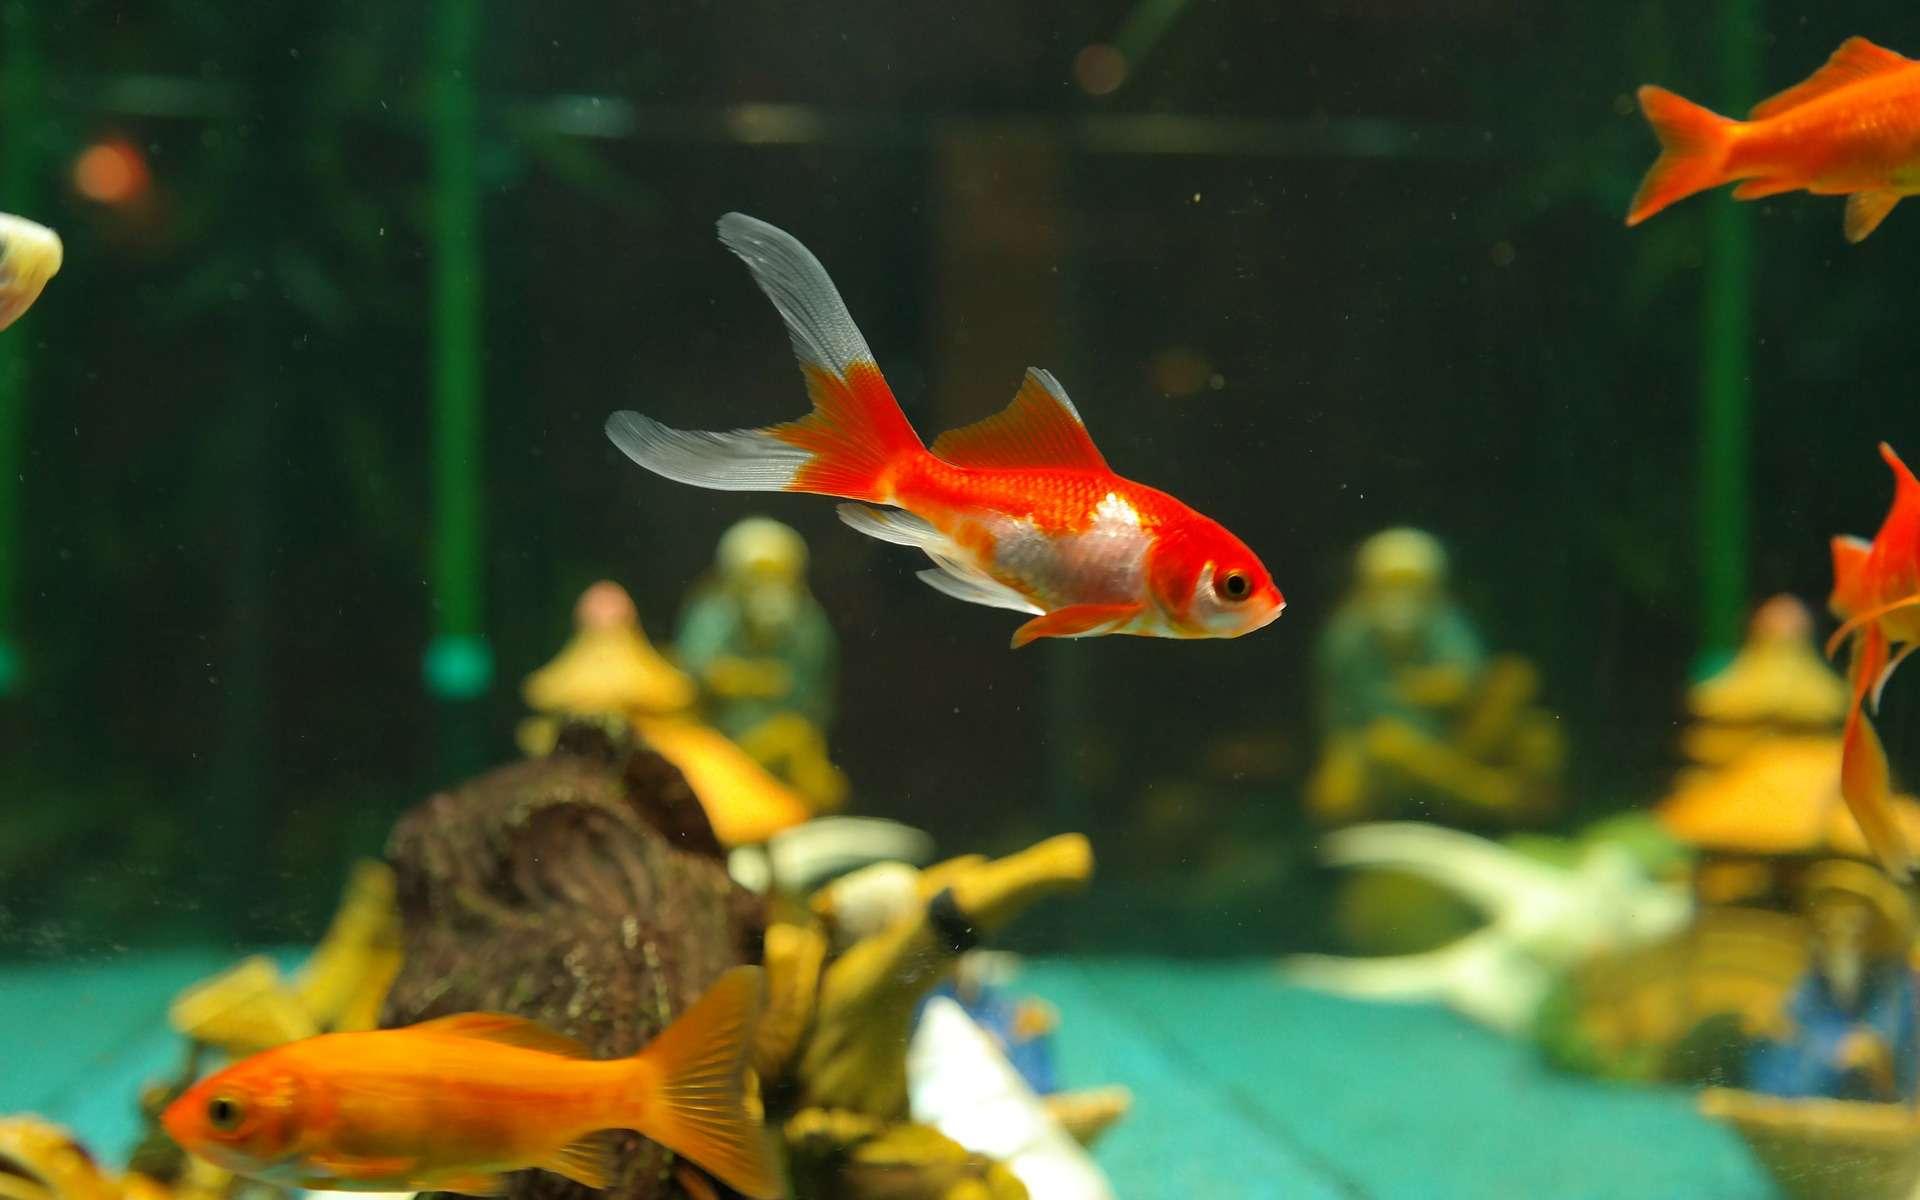 L'eau est vitale pour les poissons. Il faut absolument en prendre soin : son pH doit être de 7,5 et le taux de nitrites à zéro. © Pixabay